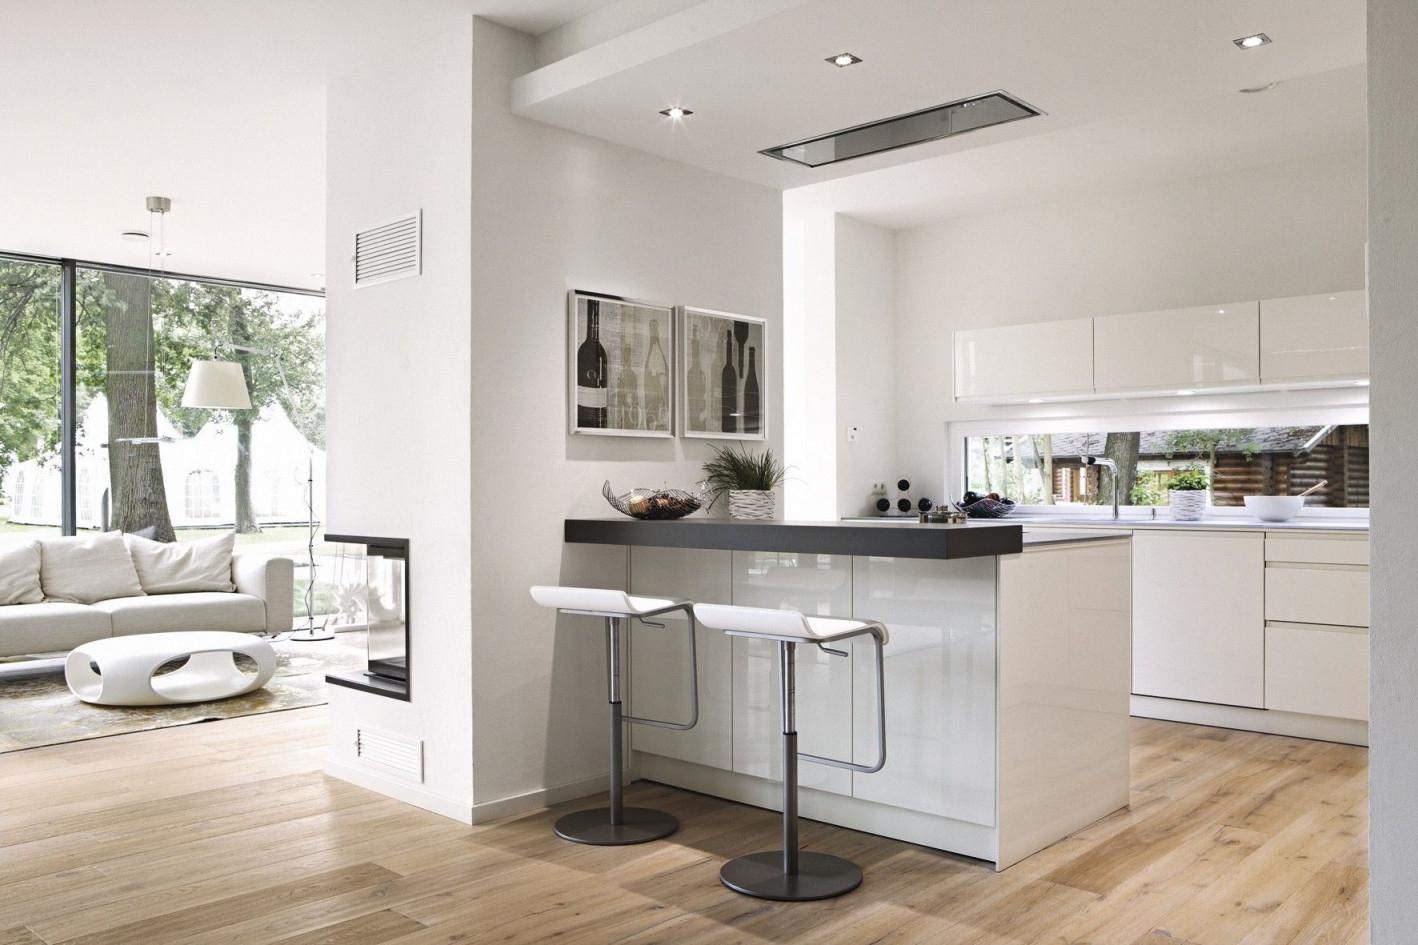 Detail  Küche Und Wohnzimmer Haus Küchen Offene Küche von Wohnzimmer Mit Offener Küche Bilder Bild